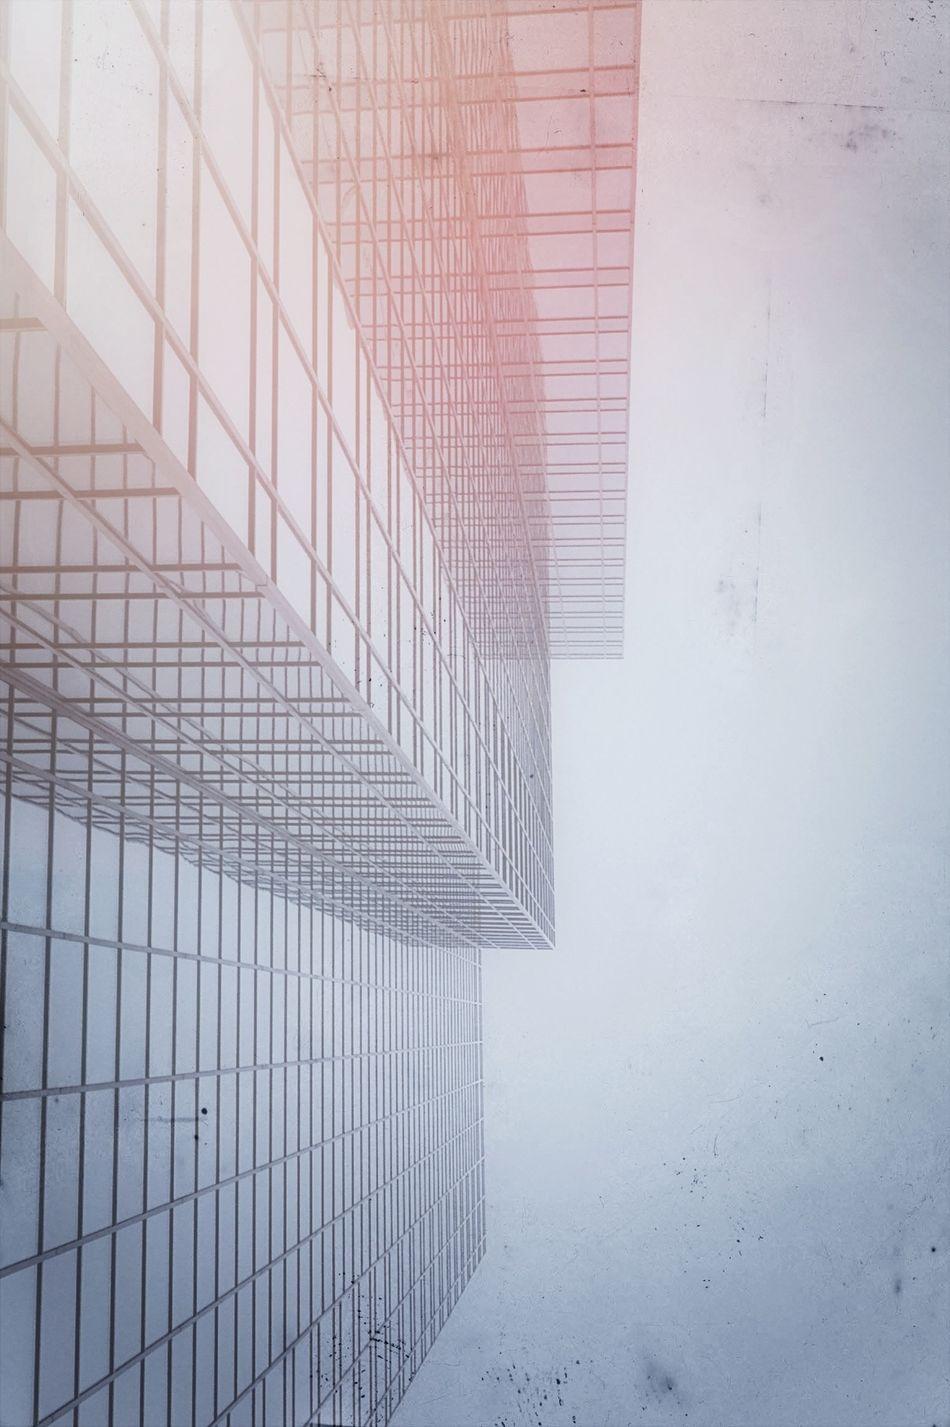 Ghost VSCO Cam Architecture Edit Iloveprintshop